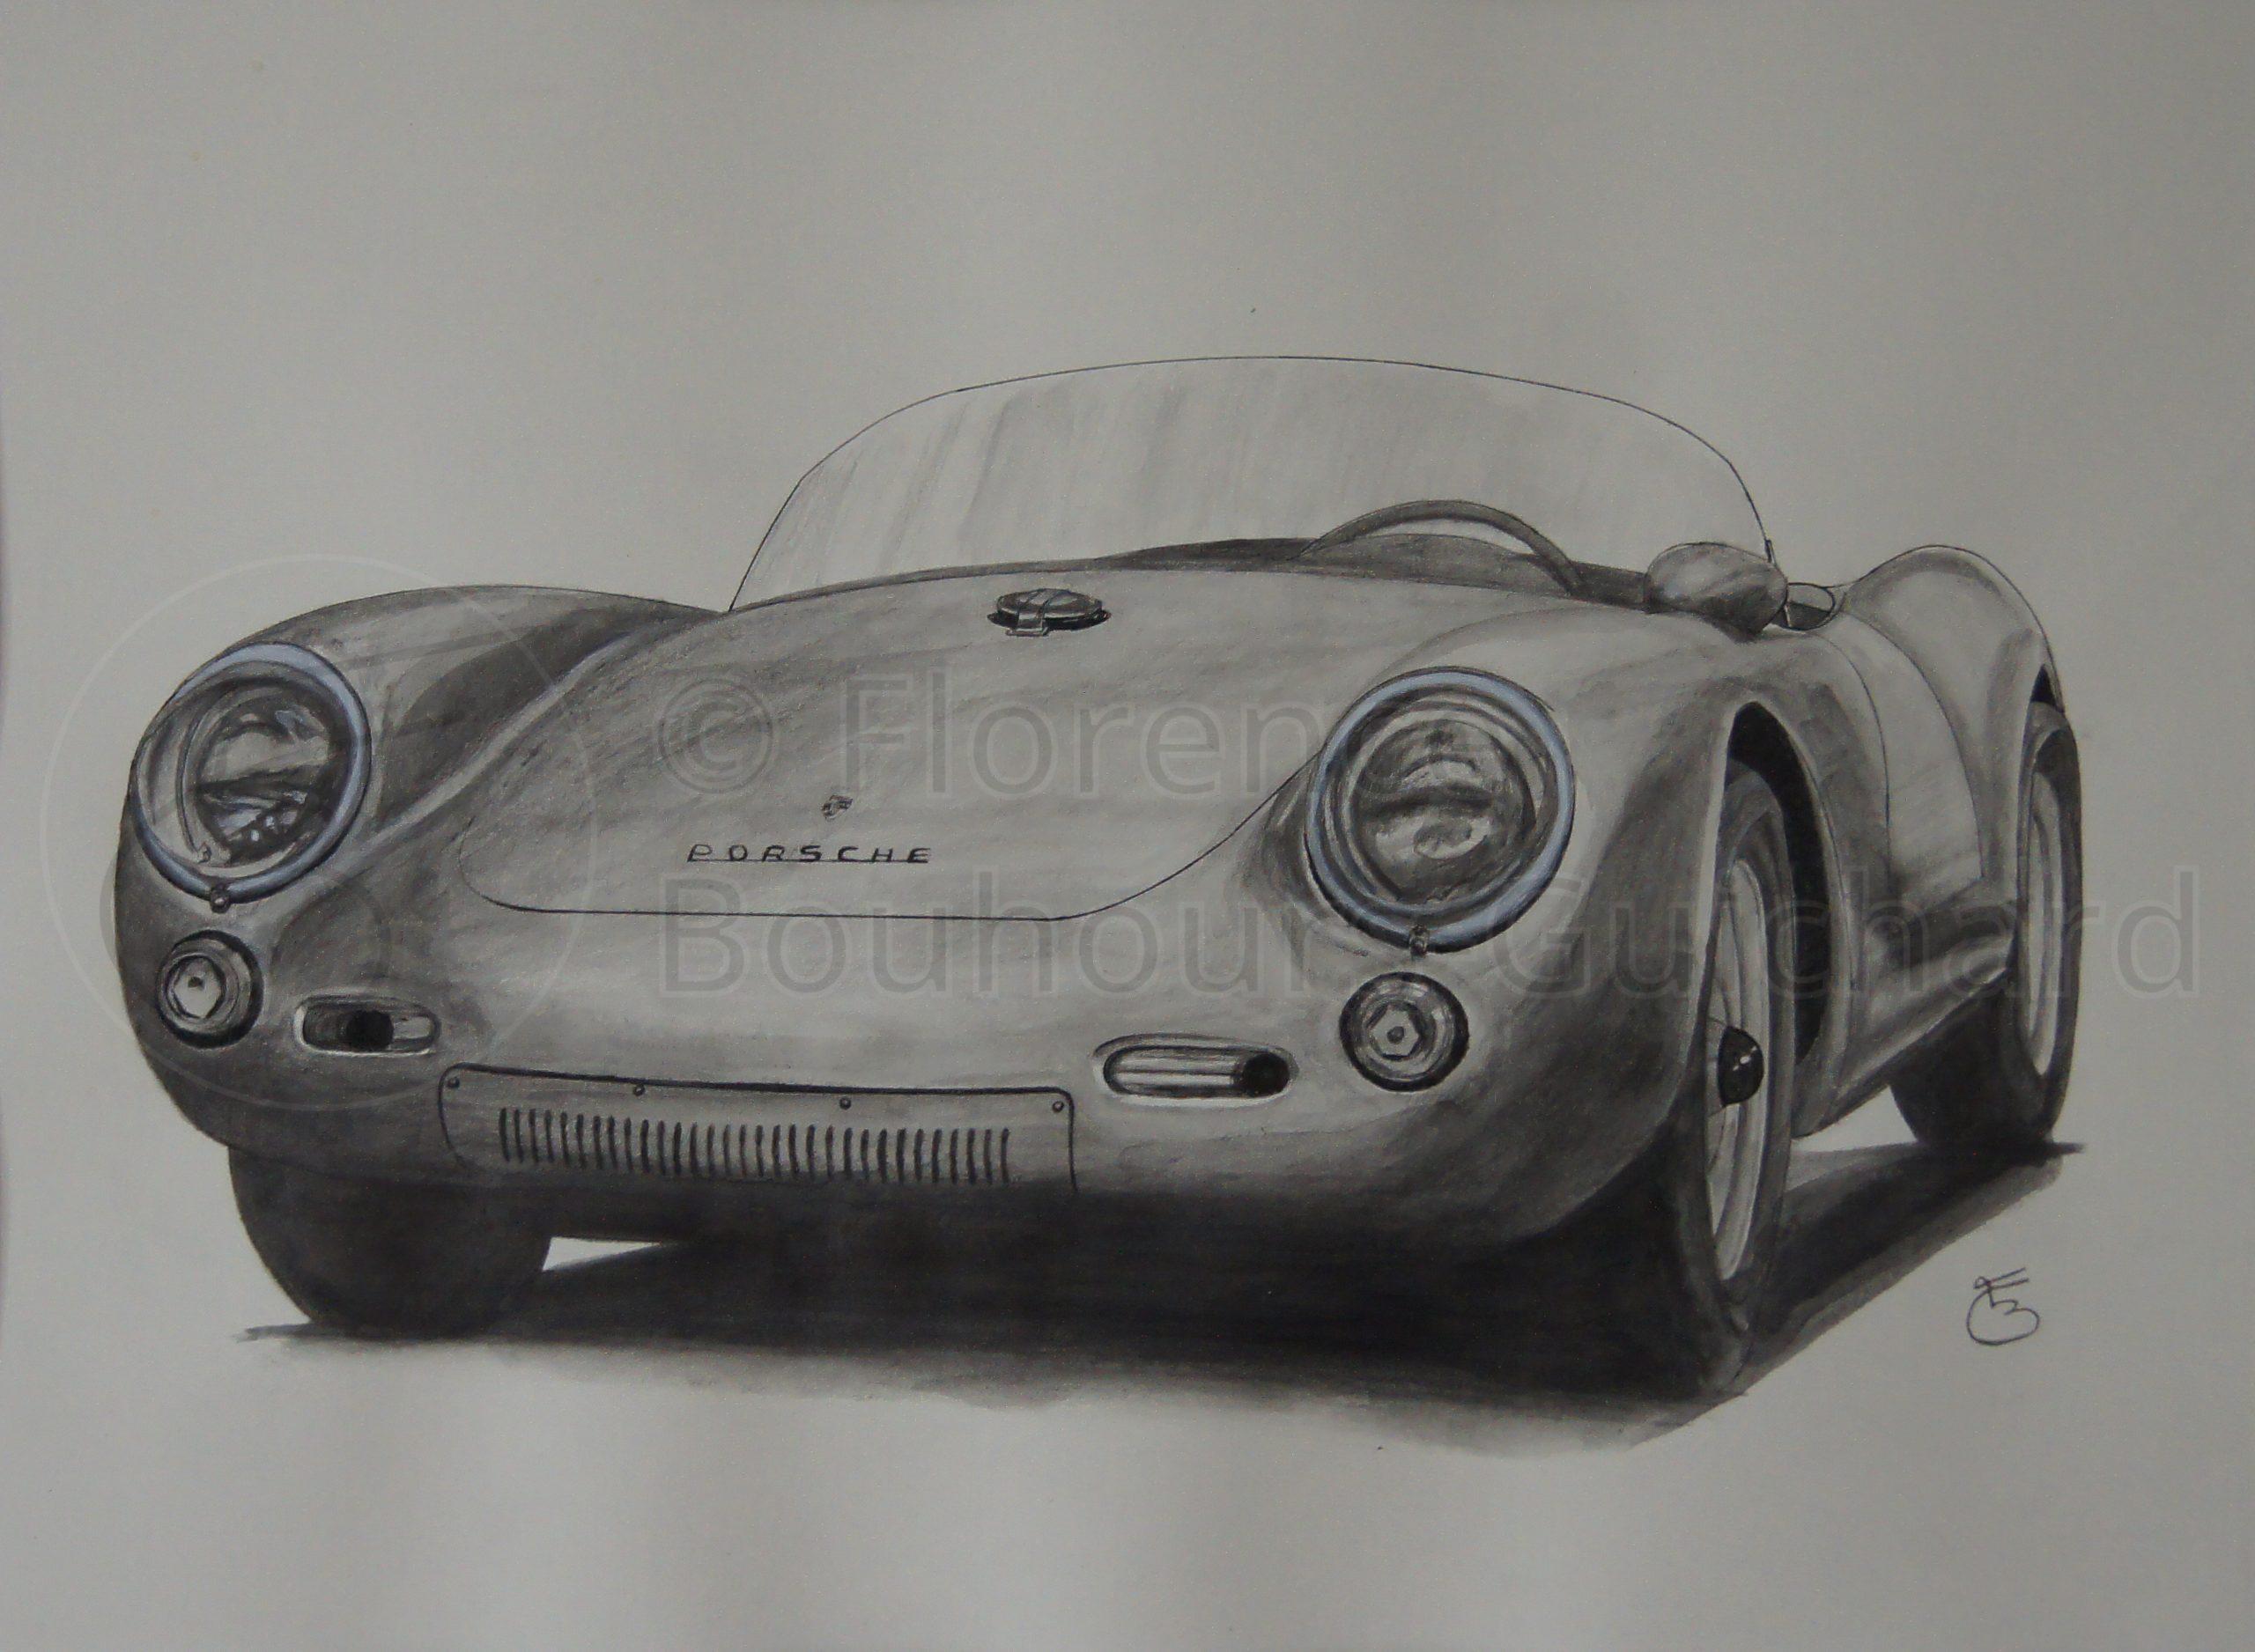 « Porsche 550 Spyder » technique mixte sur papier – 30X40 cm